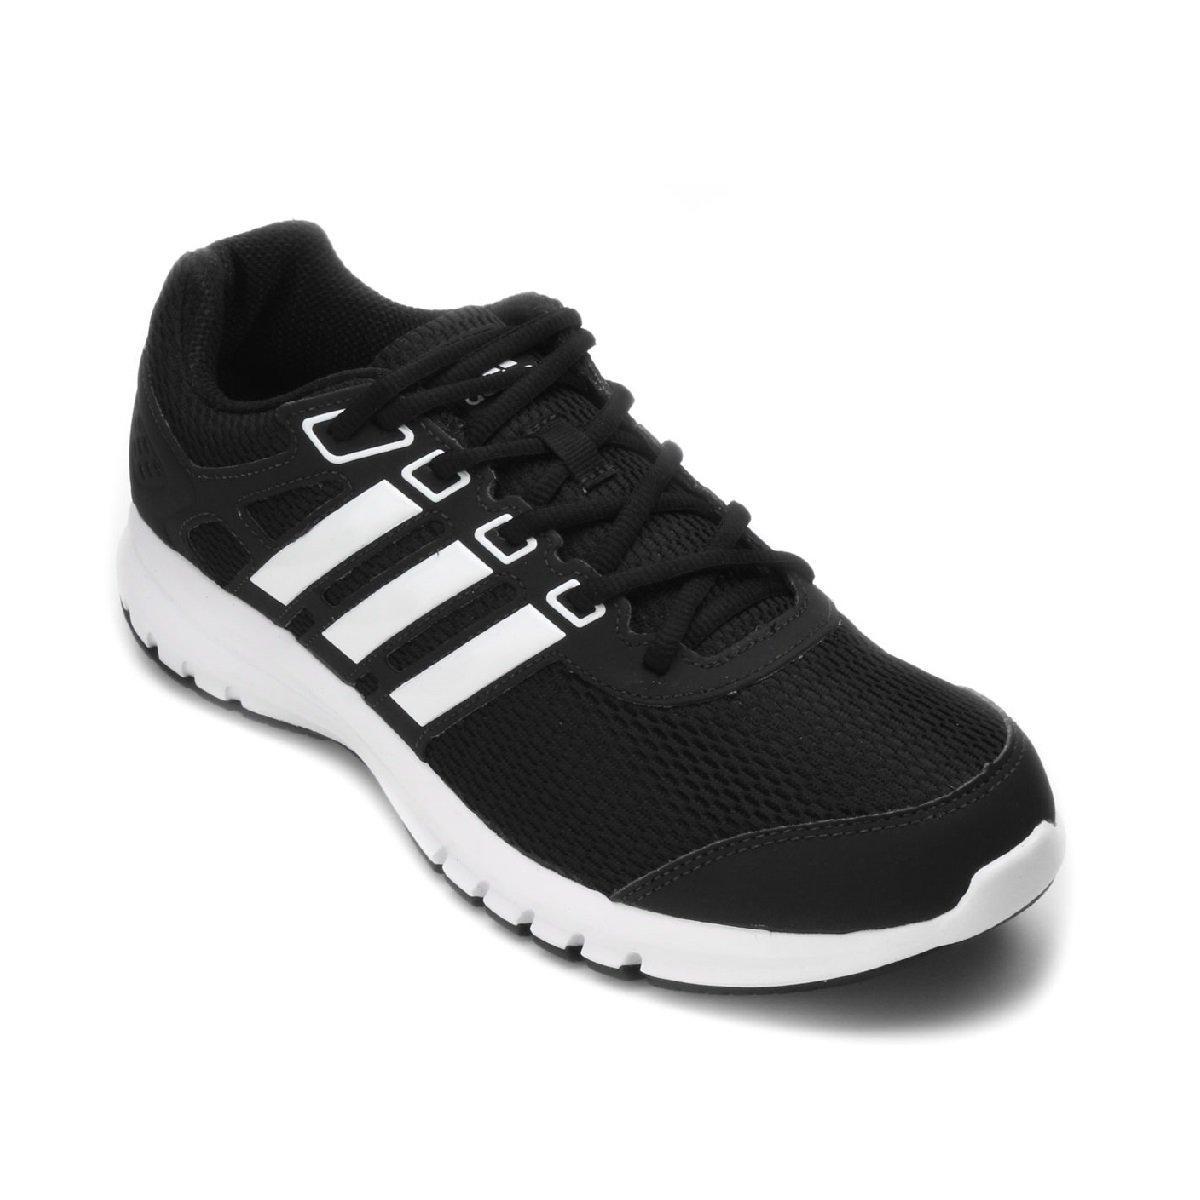 Jual Sepatu Pakaian Olahraga Adidas Lazadacoid